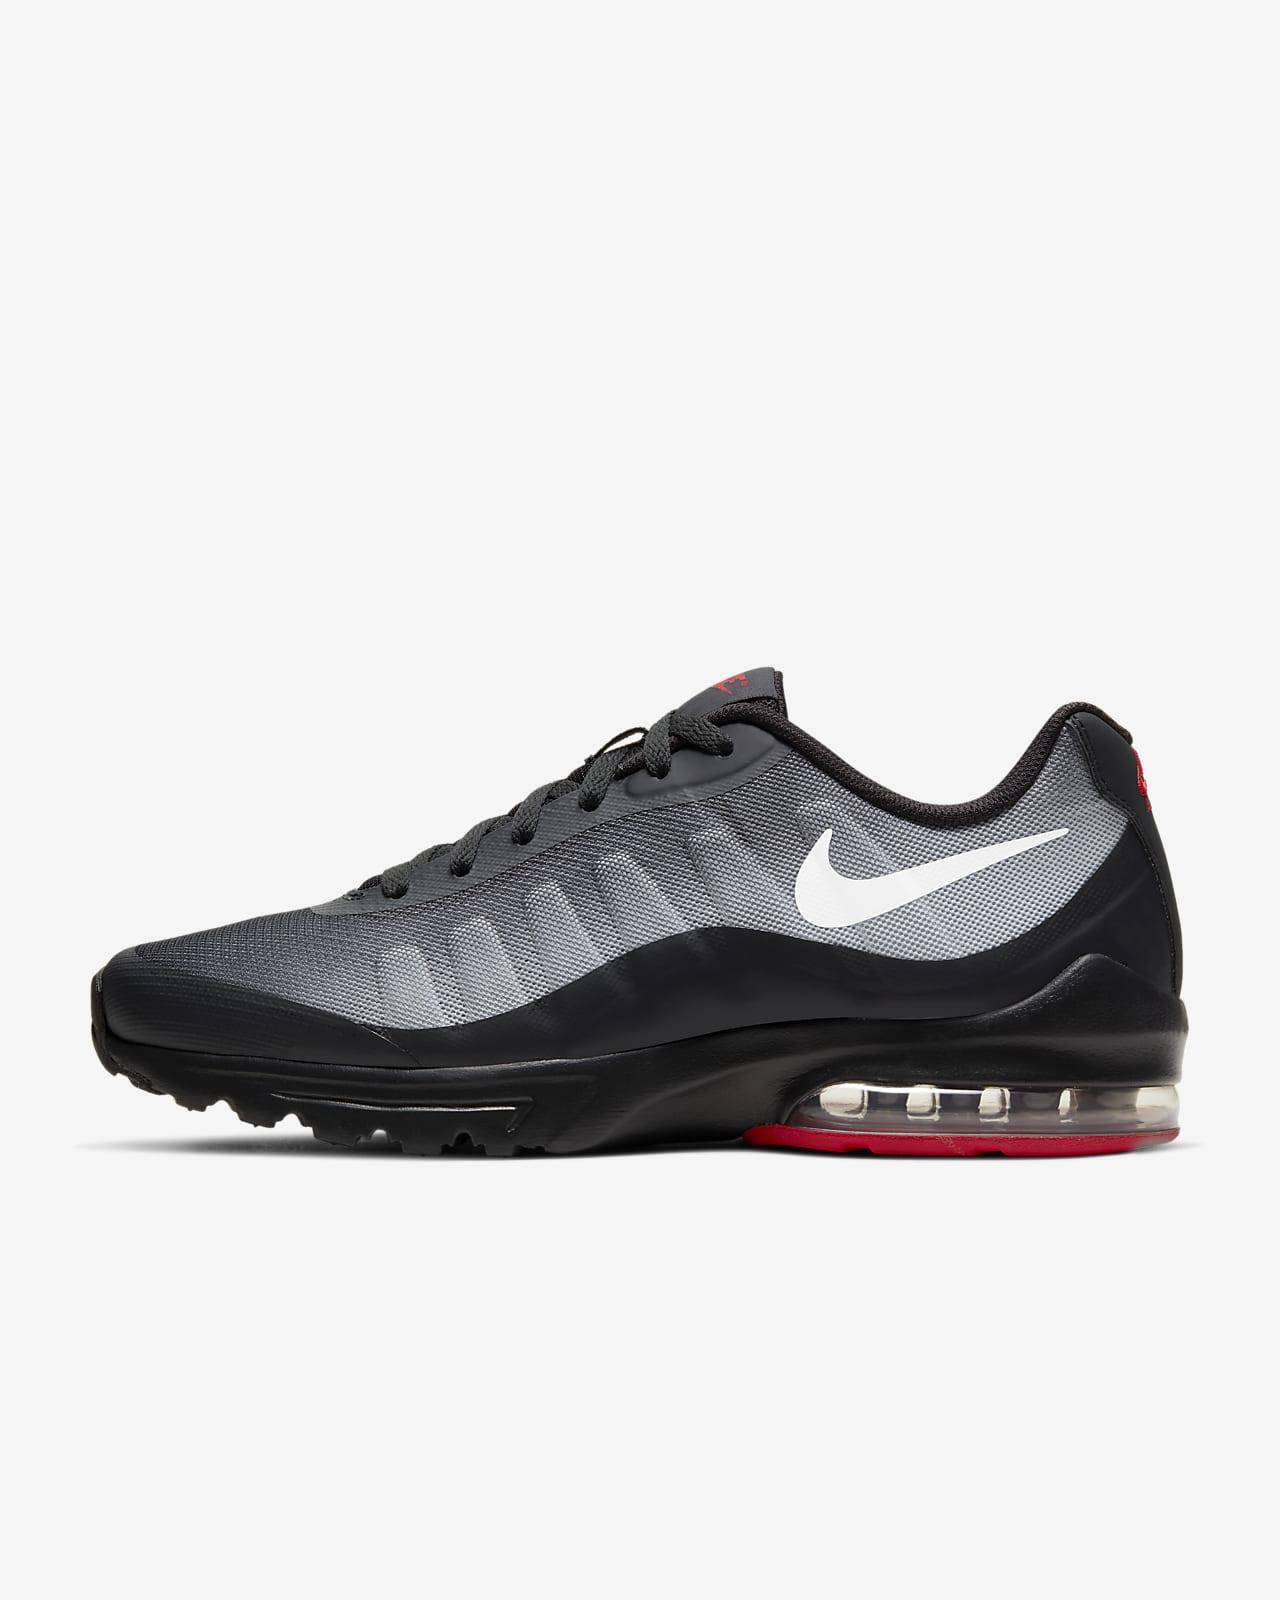 Nike Air Max Invigor Men's Shoe. Nike LU